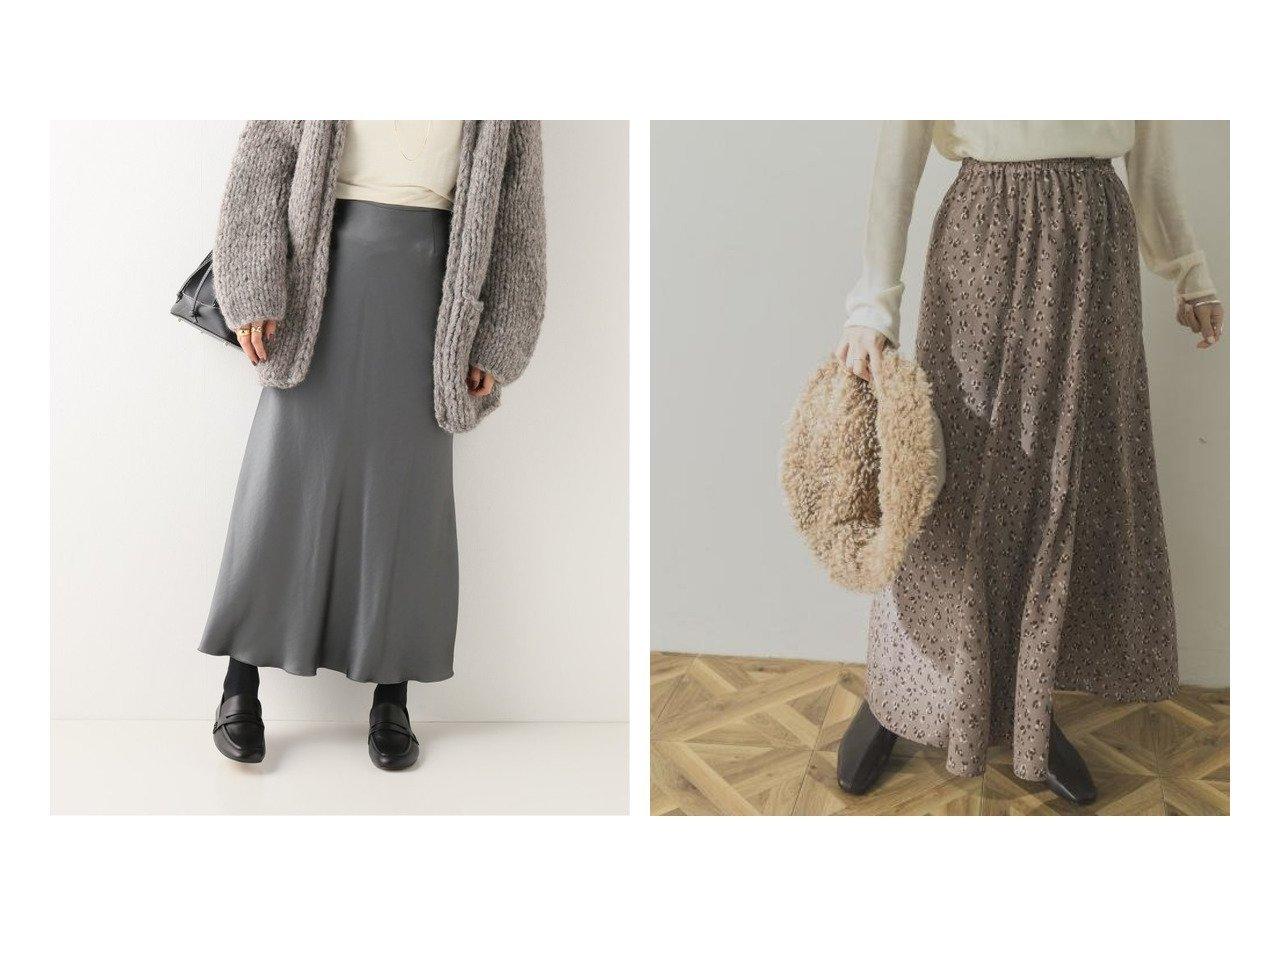 【URBAN RESEARCH/アーバンリサーチ】のロングフレアレオパードスカート&【IENA/イエナ】の《追加2》サテンスリットスカート スカートのおすすめ!人気トレンド・レディースファッションの通販 おすすめで人気の流行・トレンド、ファッションの通販商品 メンズファッション・キッズファッション・インテリア・家具・レディースファッション・服の通販 founy(ファニー) https://founy.com/ ファッション Fashion レディースファッション WOMEN スカート Skirt スウェット タイツ フレア フロント ポケット 防寒 ロング A/W 秋冬 Autumn &  Winter サテン ストレッチ スリット バイアス ワッシャー 春 |ID:crp329100000008977